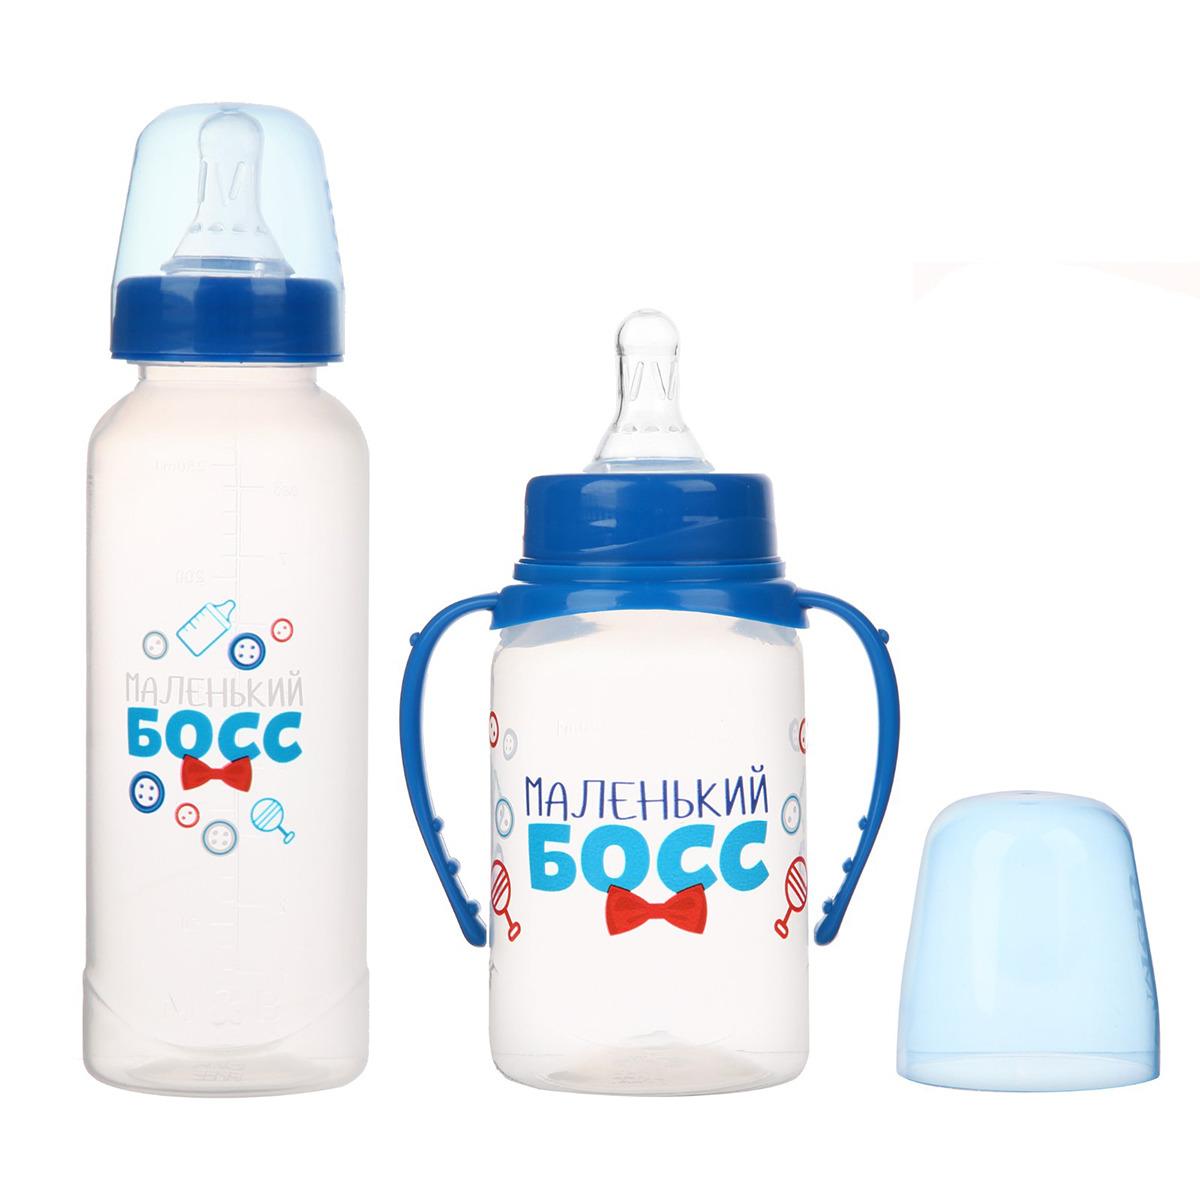 Набор бутылочек для кормления Mum&Baby Маленький босс, 3654410, синий, 2 шт happy baby набор ложек для кормления baby spoon цвет лимонный 2 шт